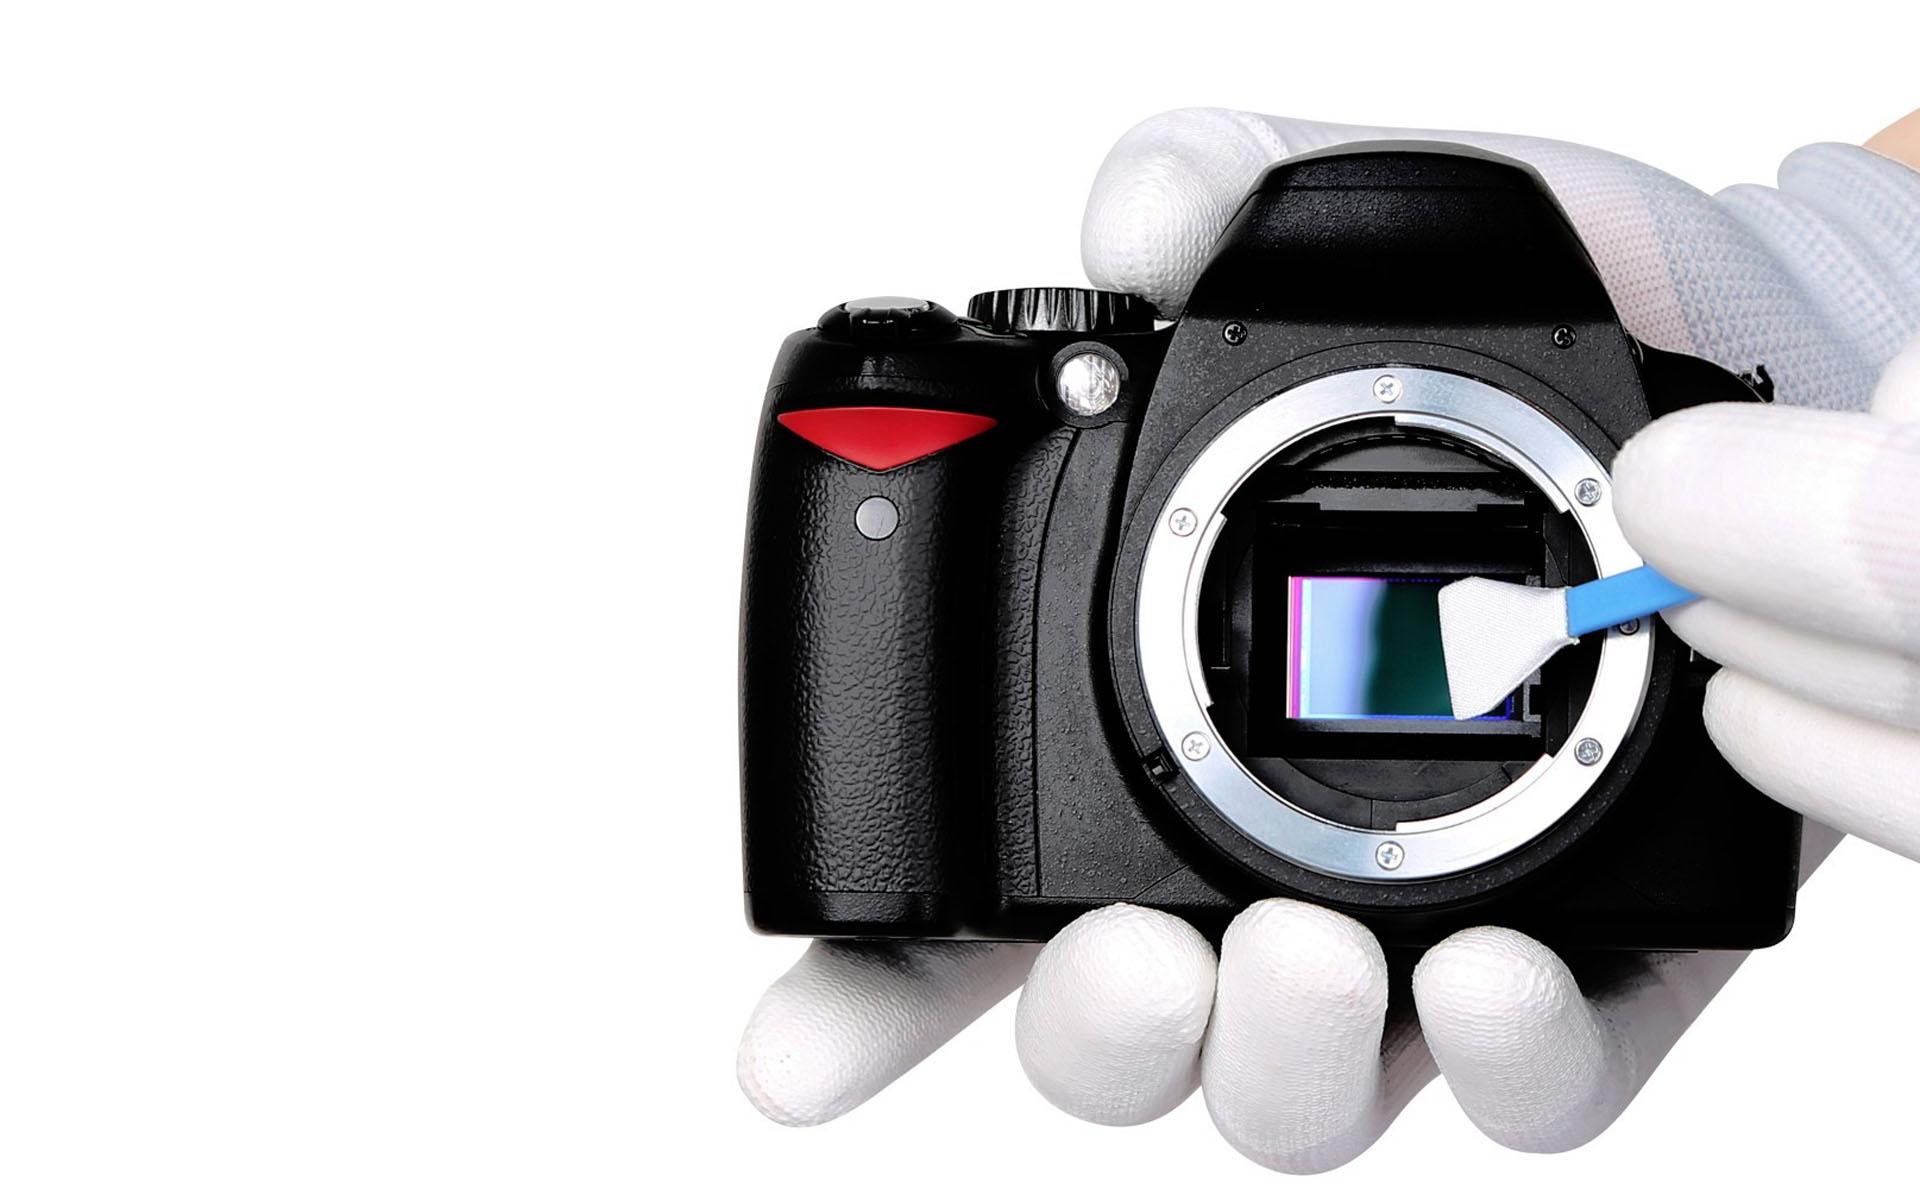 limpeza_da_camera_limpar_sensor_kit_swab_cotonetes_fotografia_amo_ser_fotografo_blog